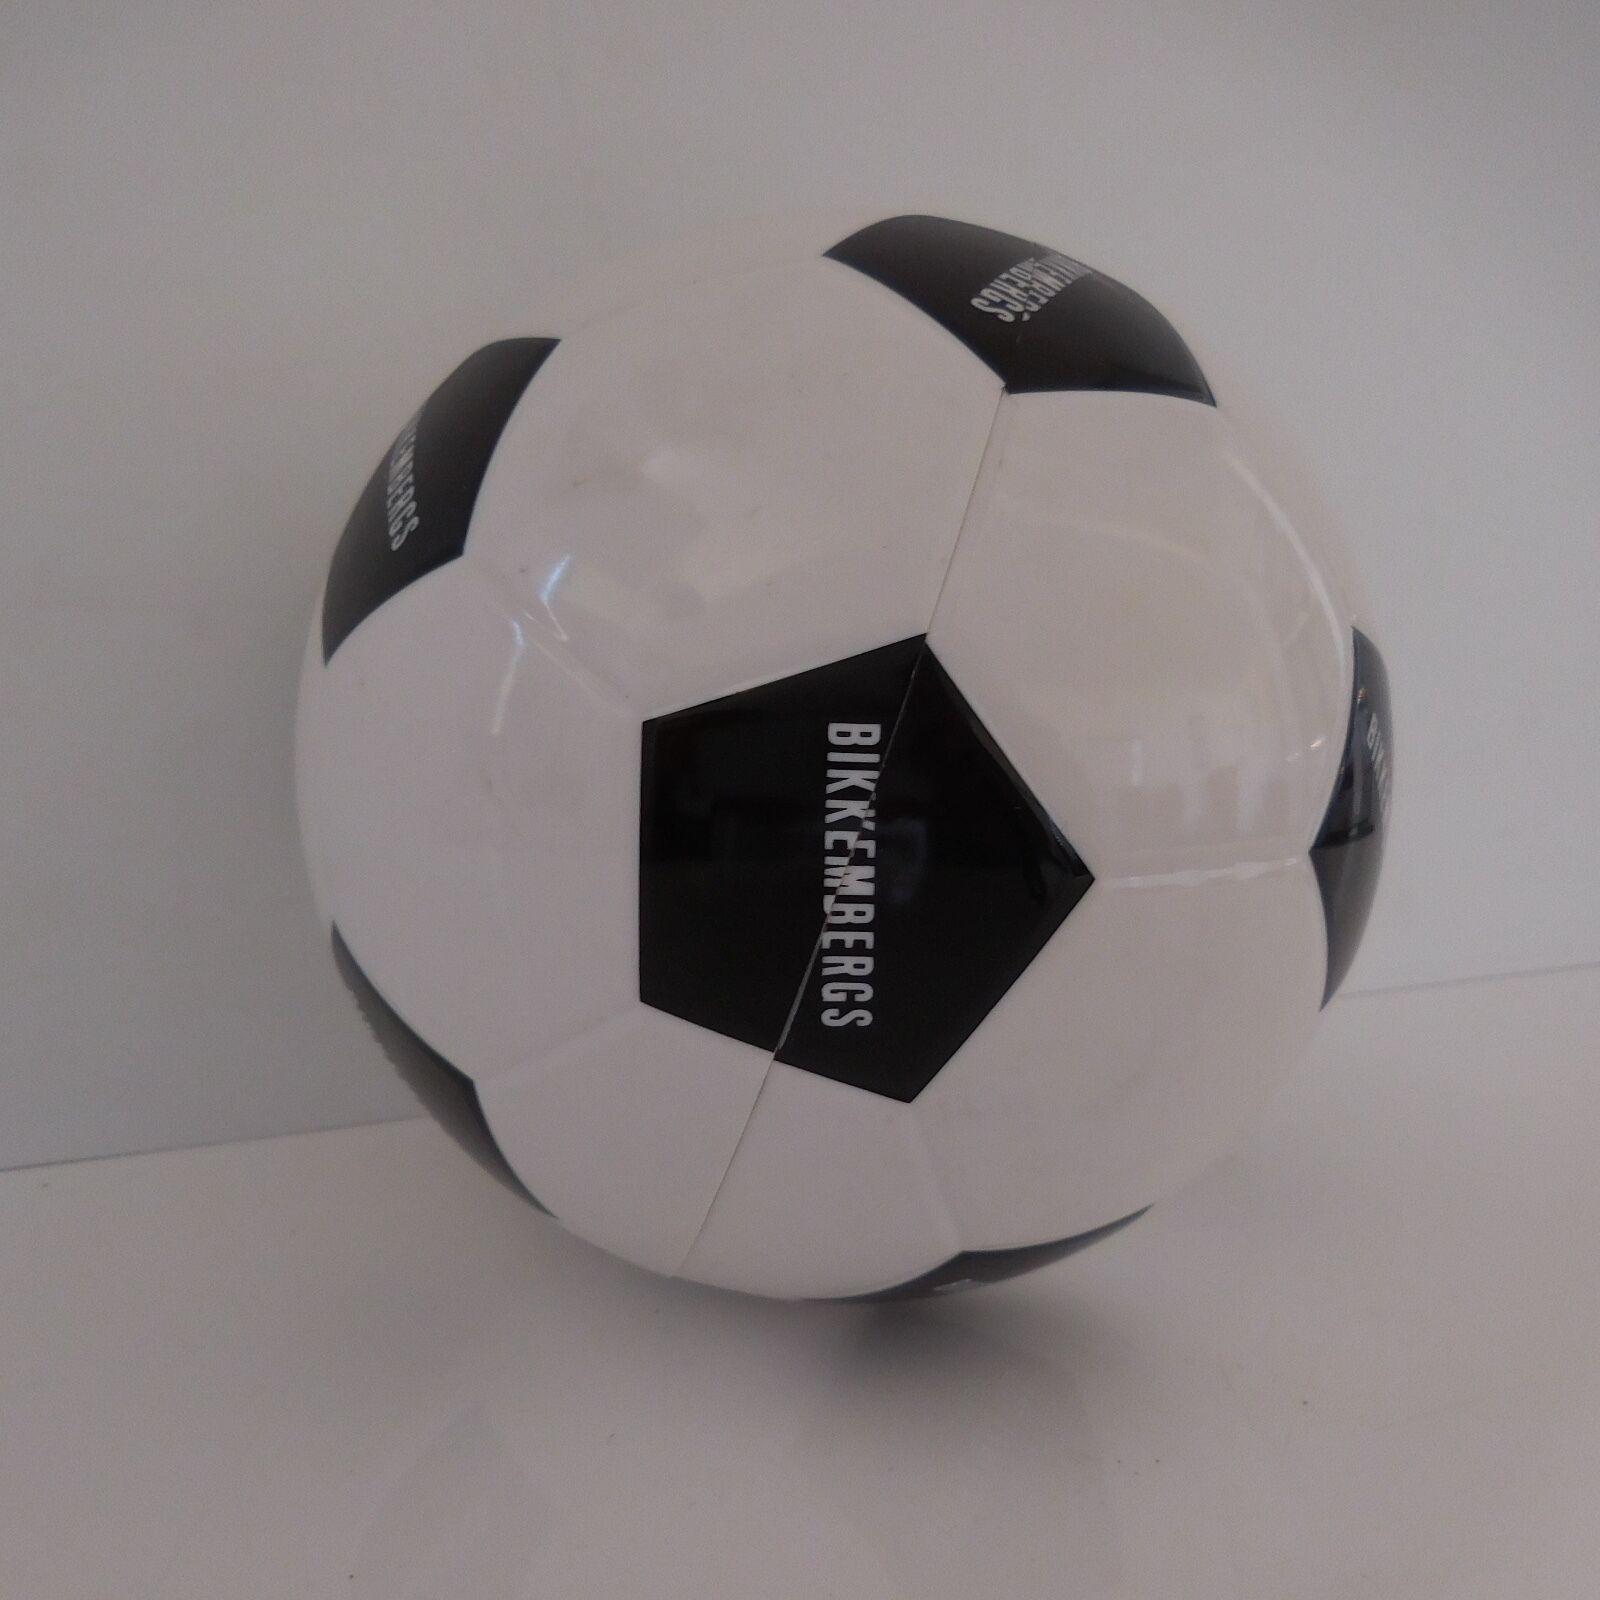 Ballon rond football coffret rangement BIKKEMBERGS art déco design XXe PN France